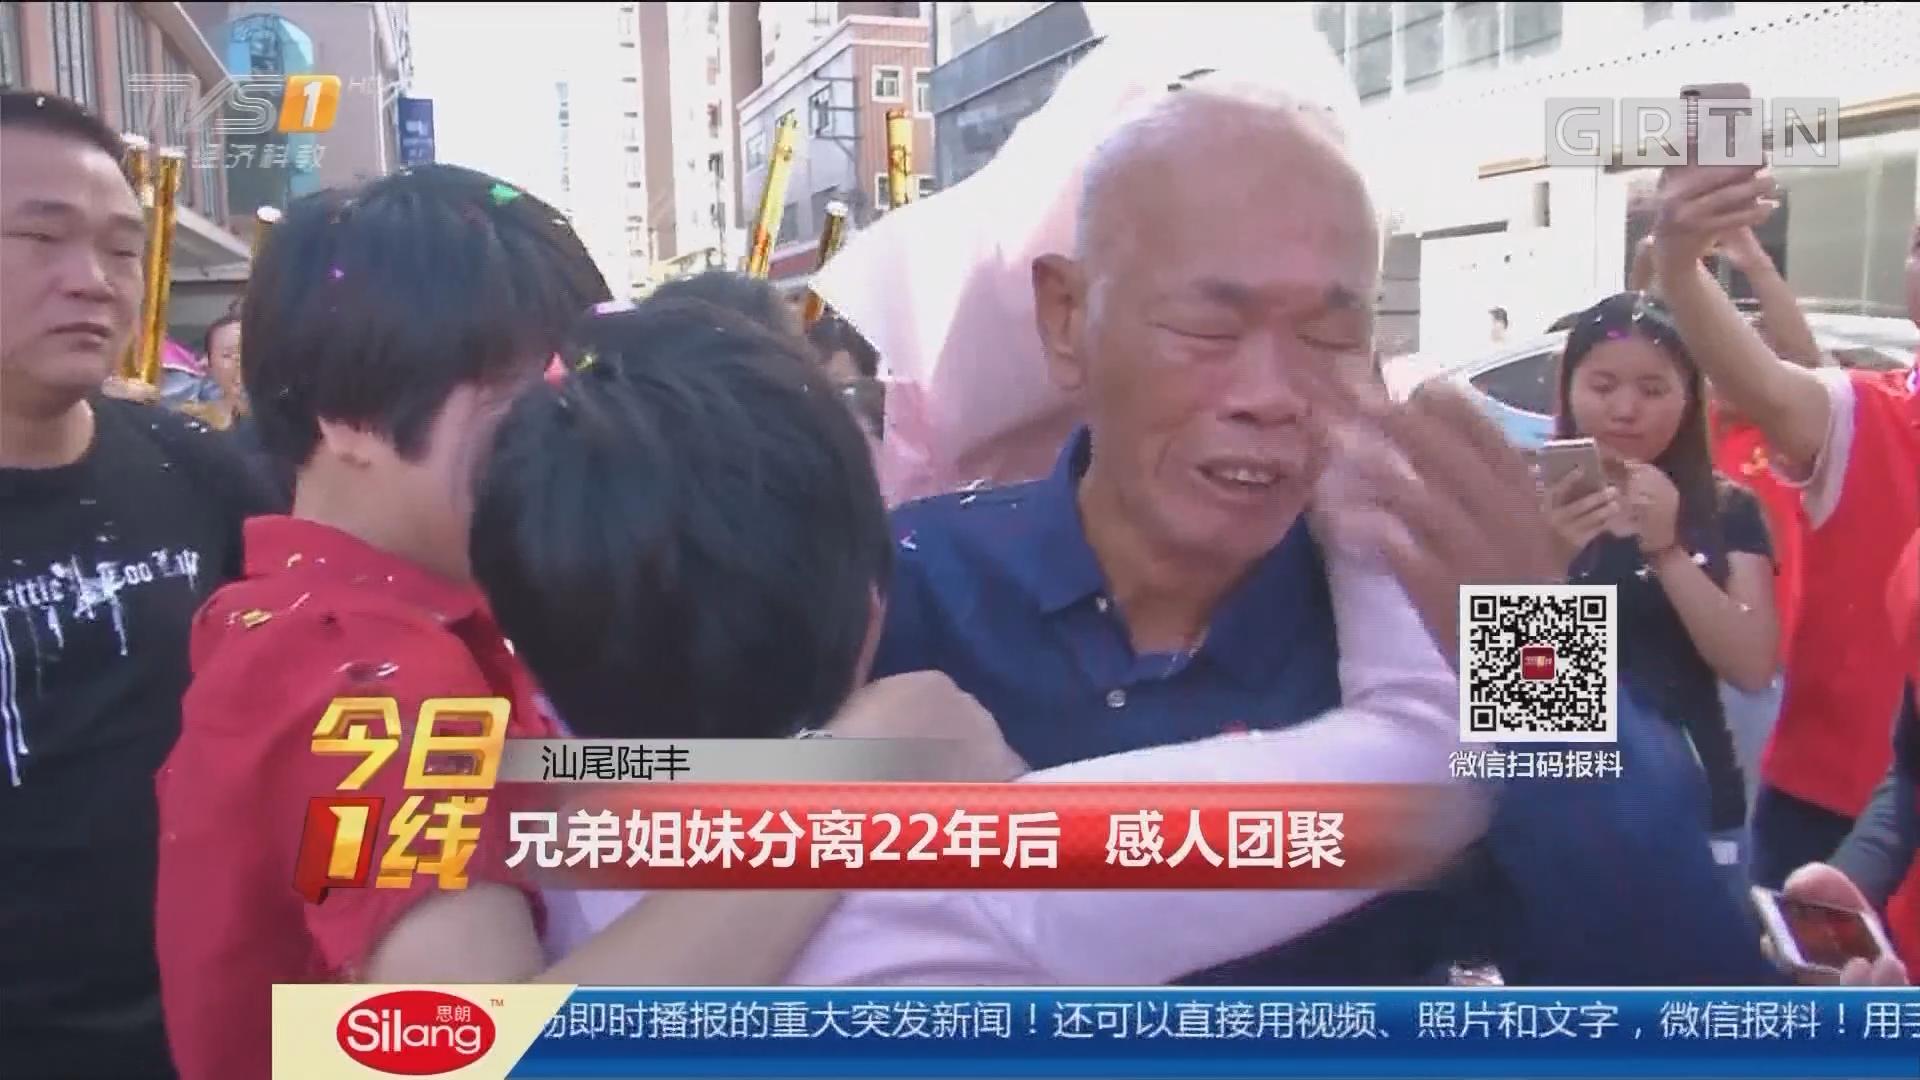 汕尾陆丰:兄弟姐妹分离22年后 感人团聚